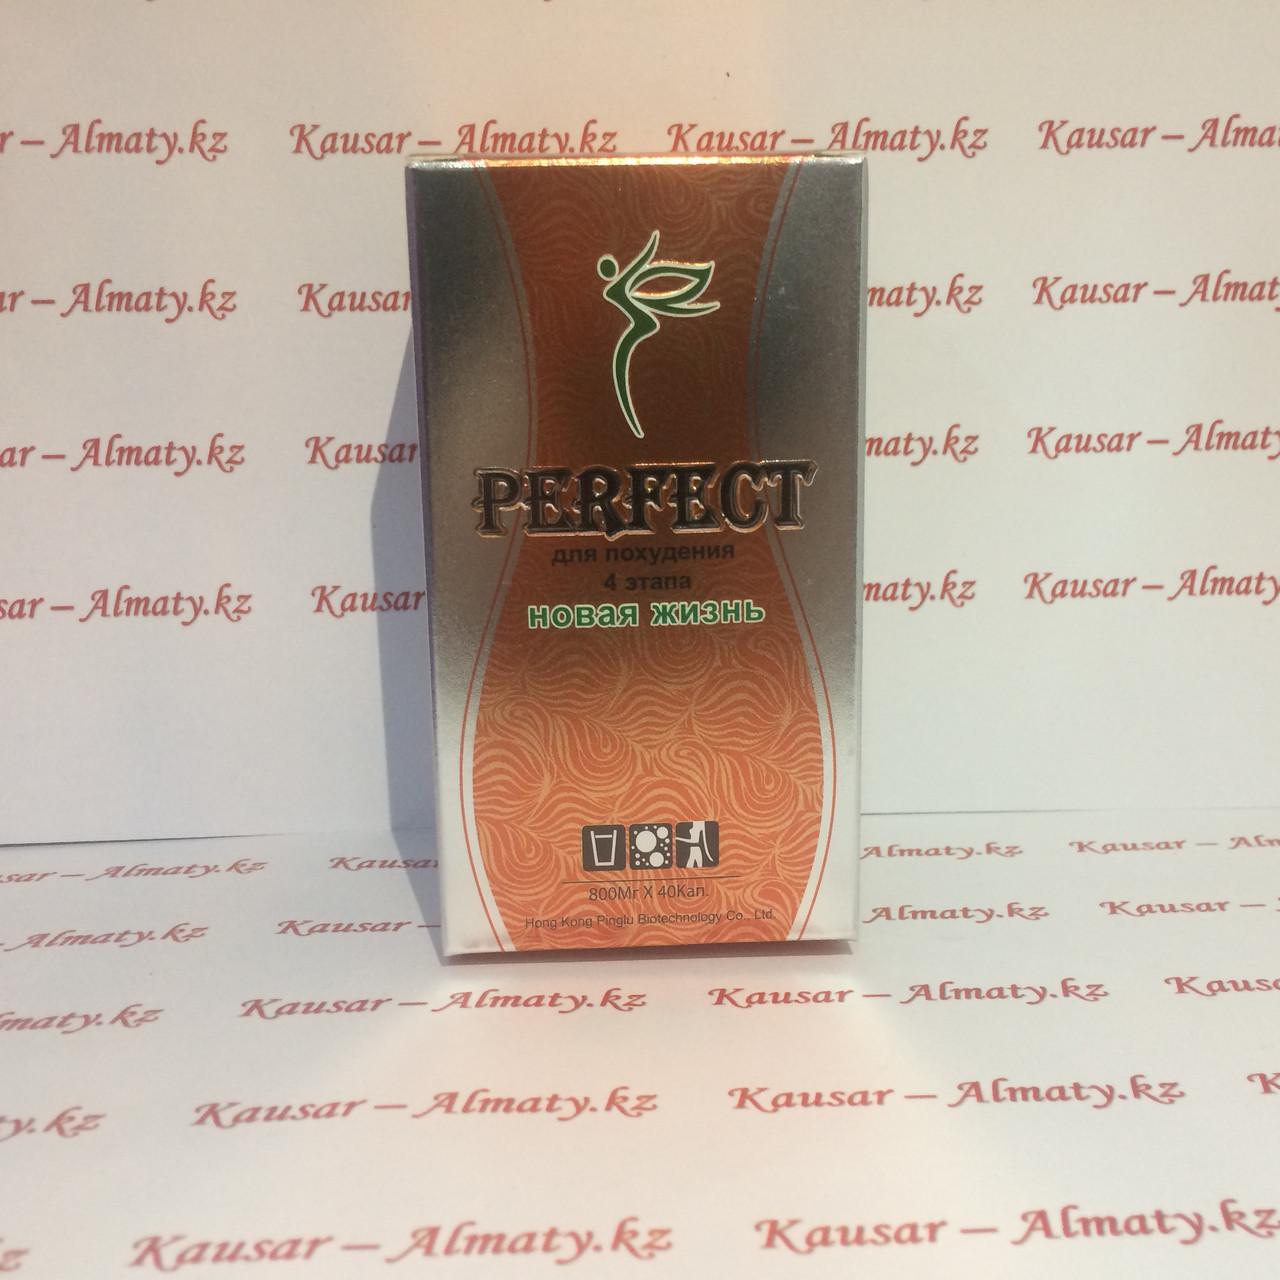 Перфект (perfect) - капсулы для похудения